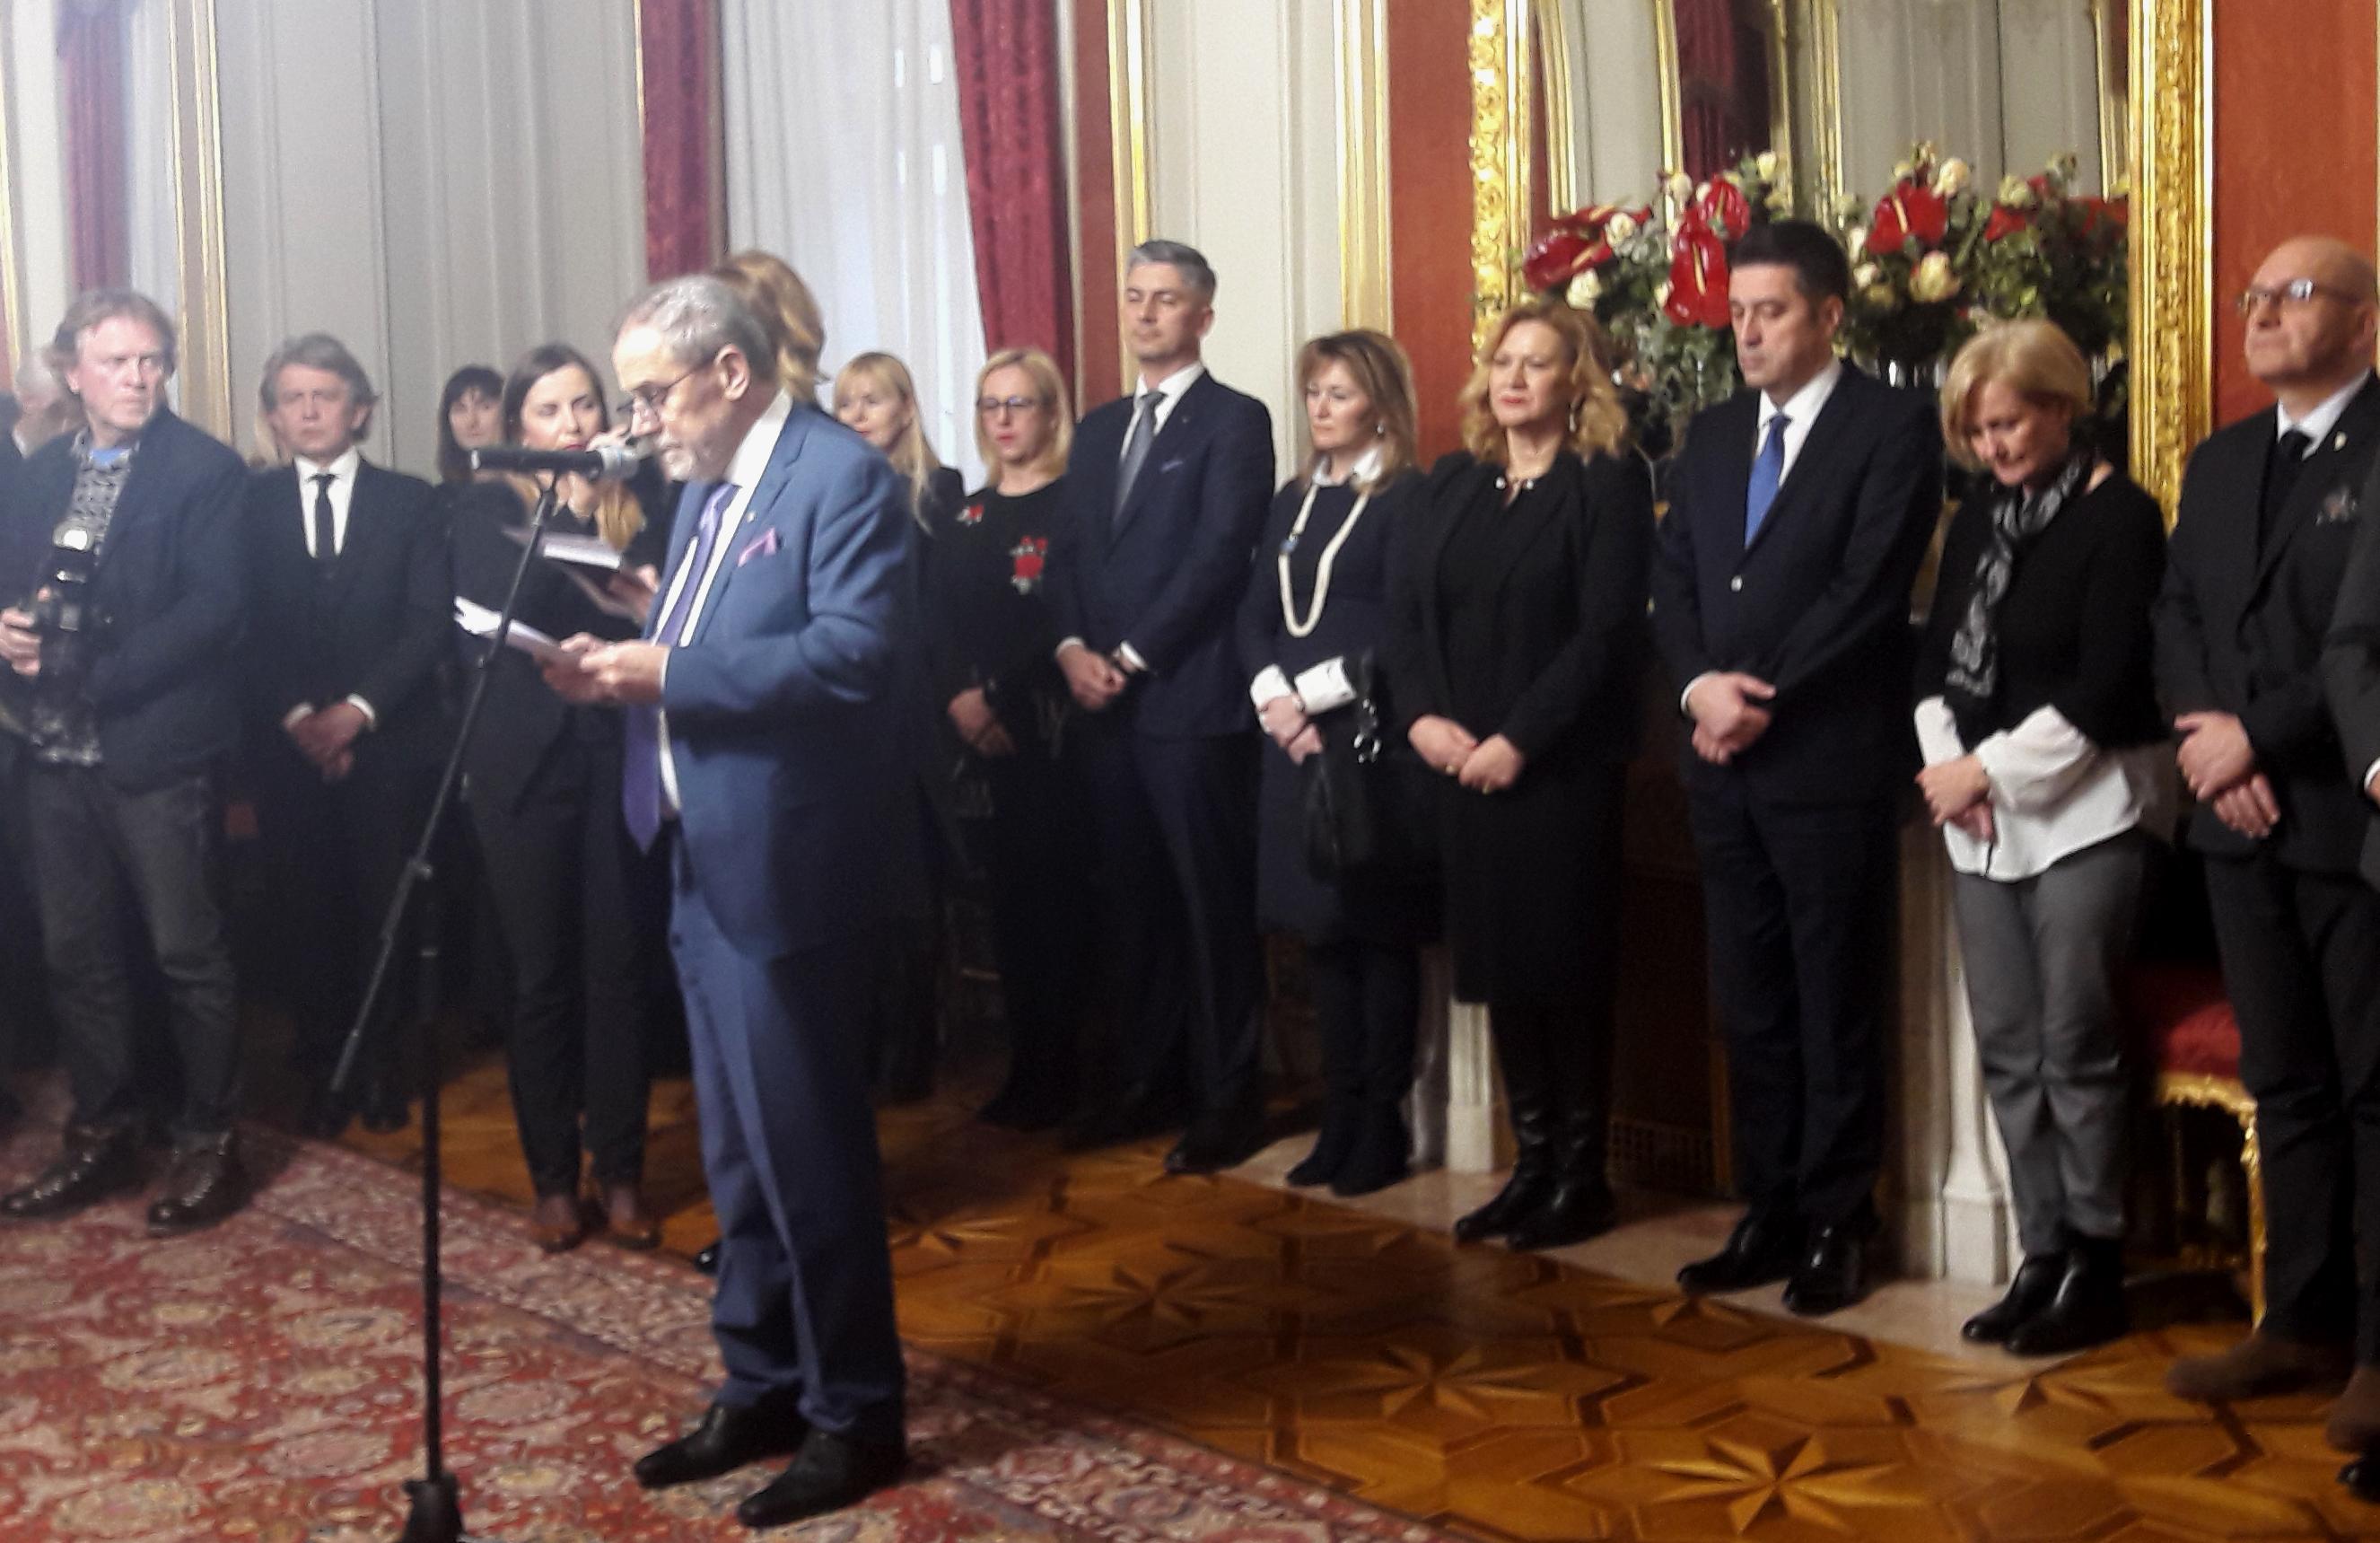 Bandić priredio novogodišnji prijem za članove diplomatskog zbora